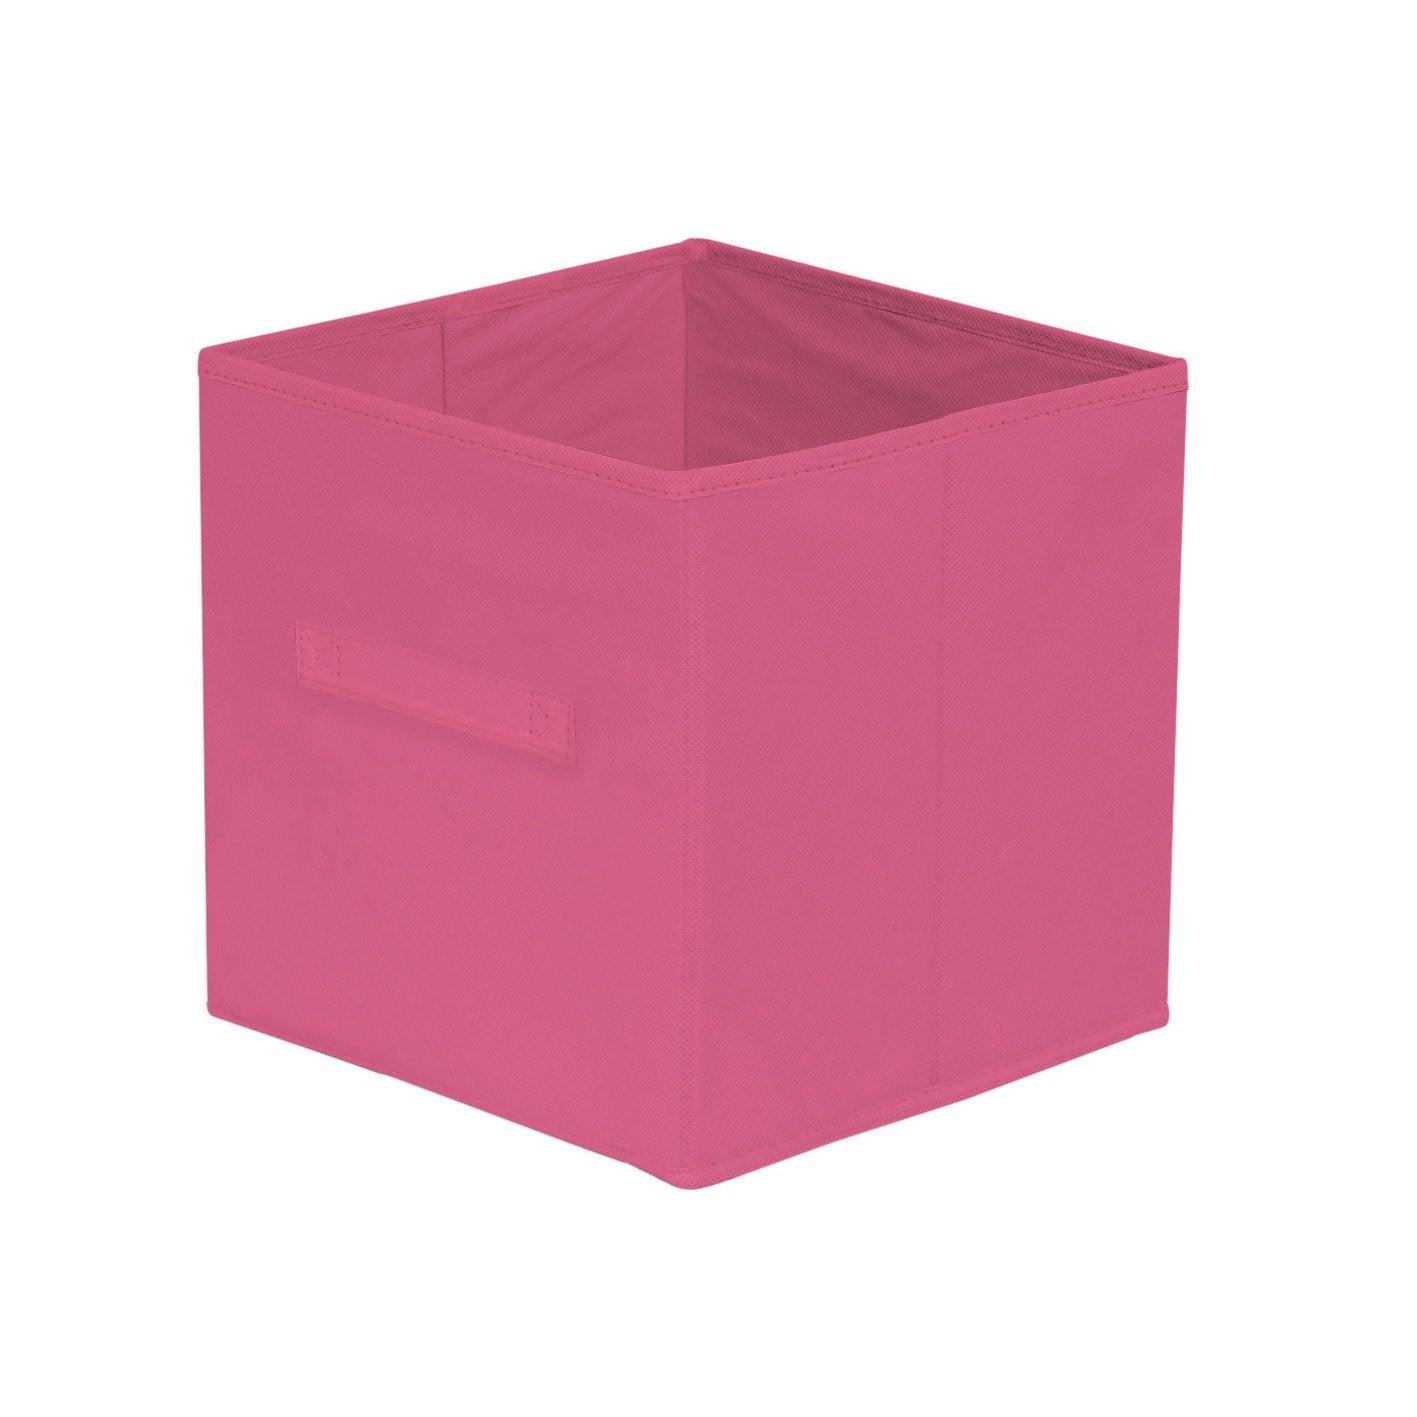 panier de rangement multikaz rose fonc x x cm leroy merlin. Black Bedroom Furniture Sets. Home Design Ideas